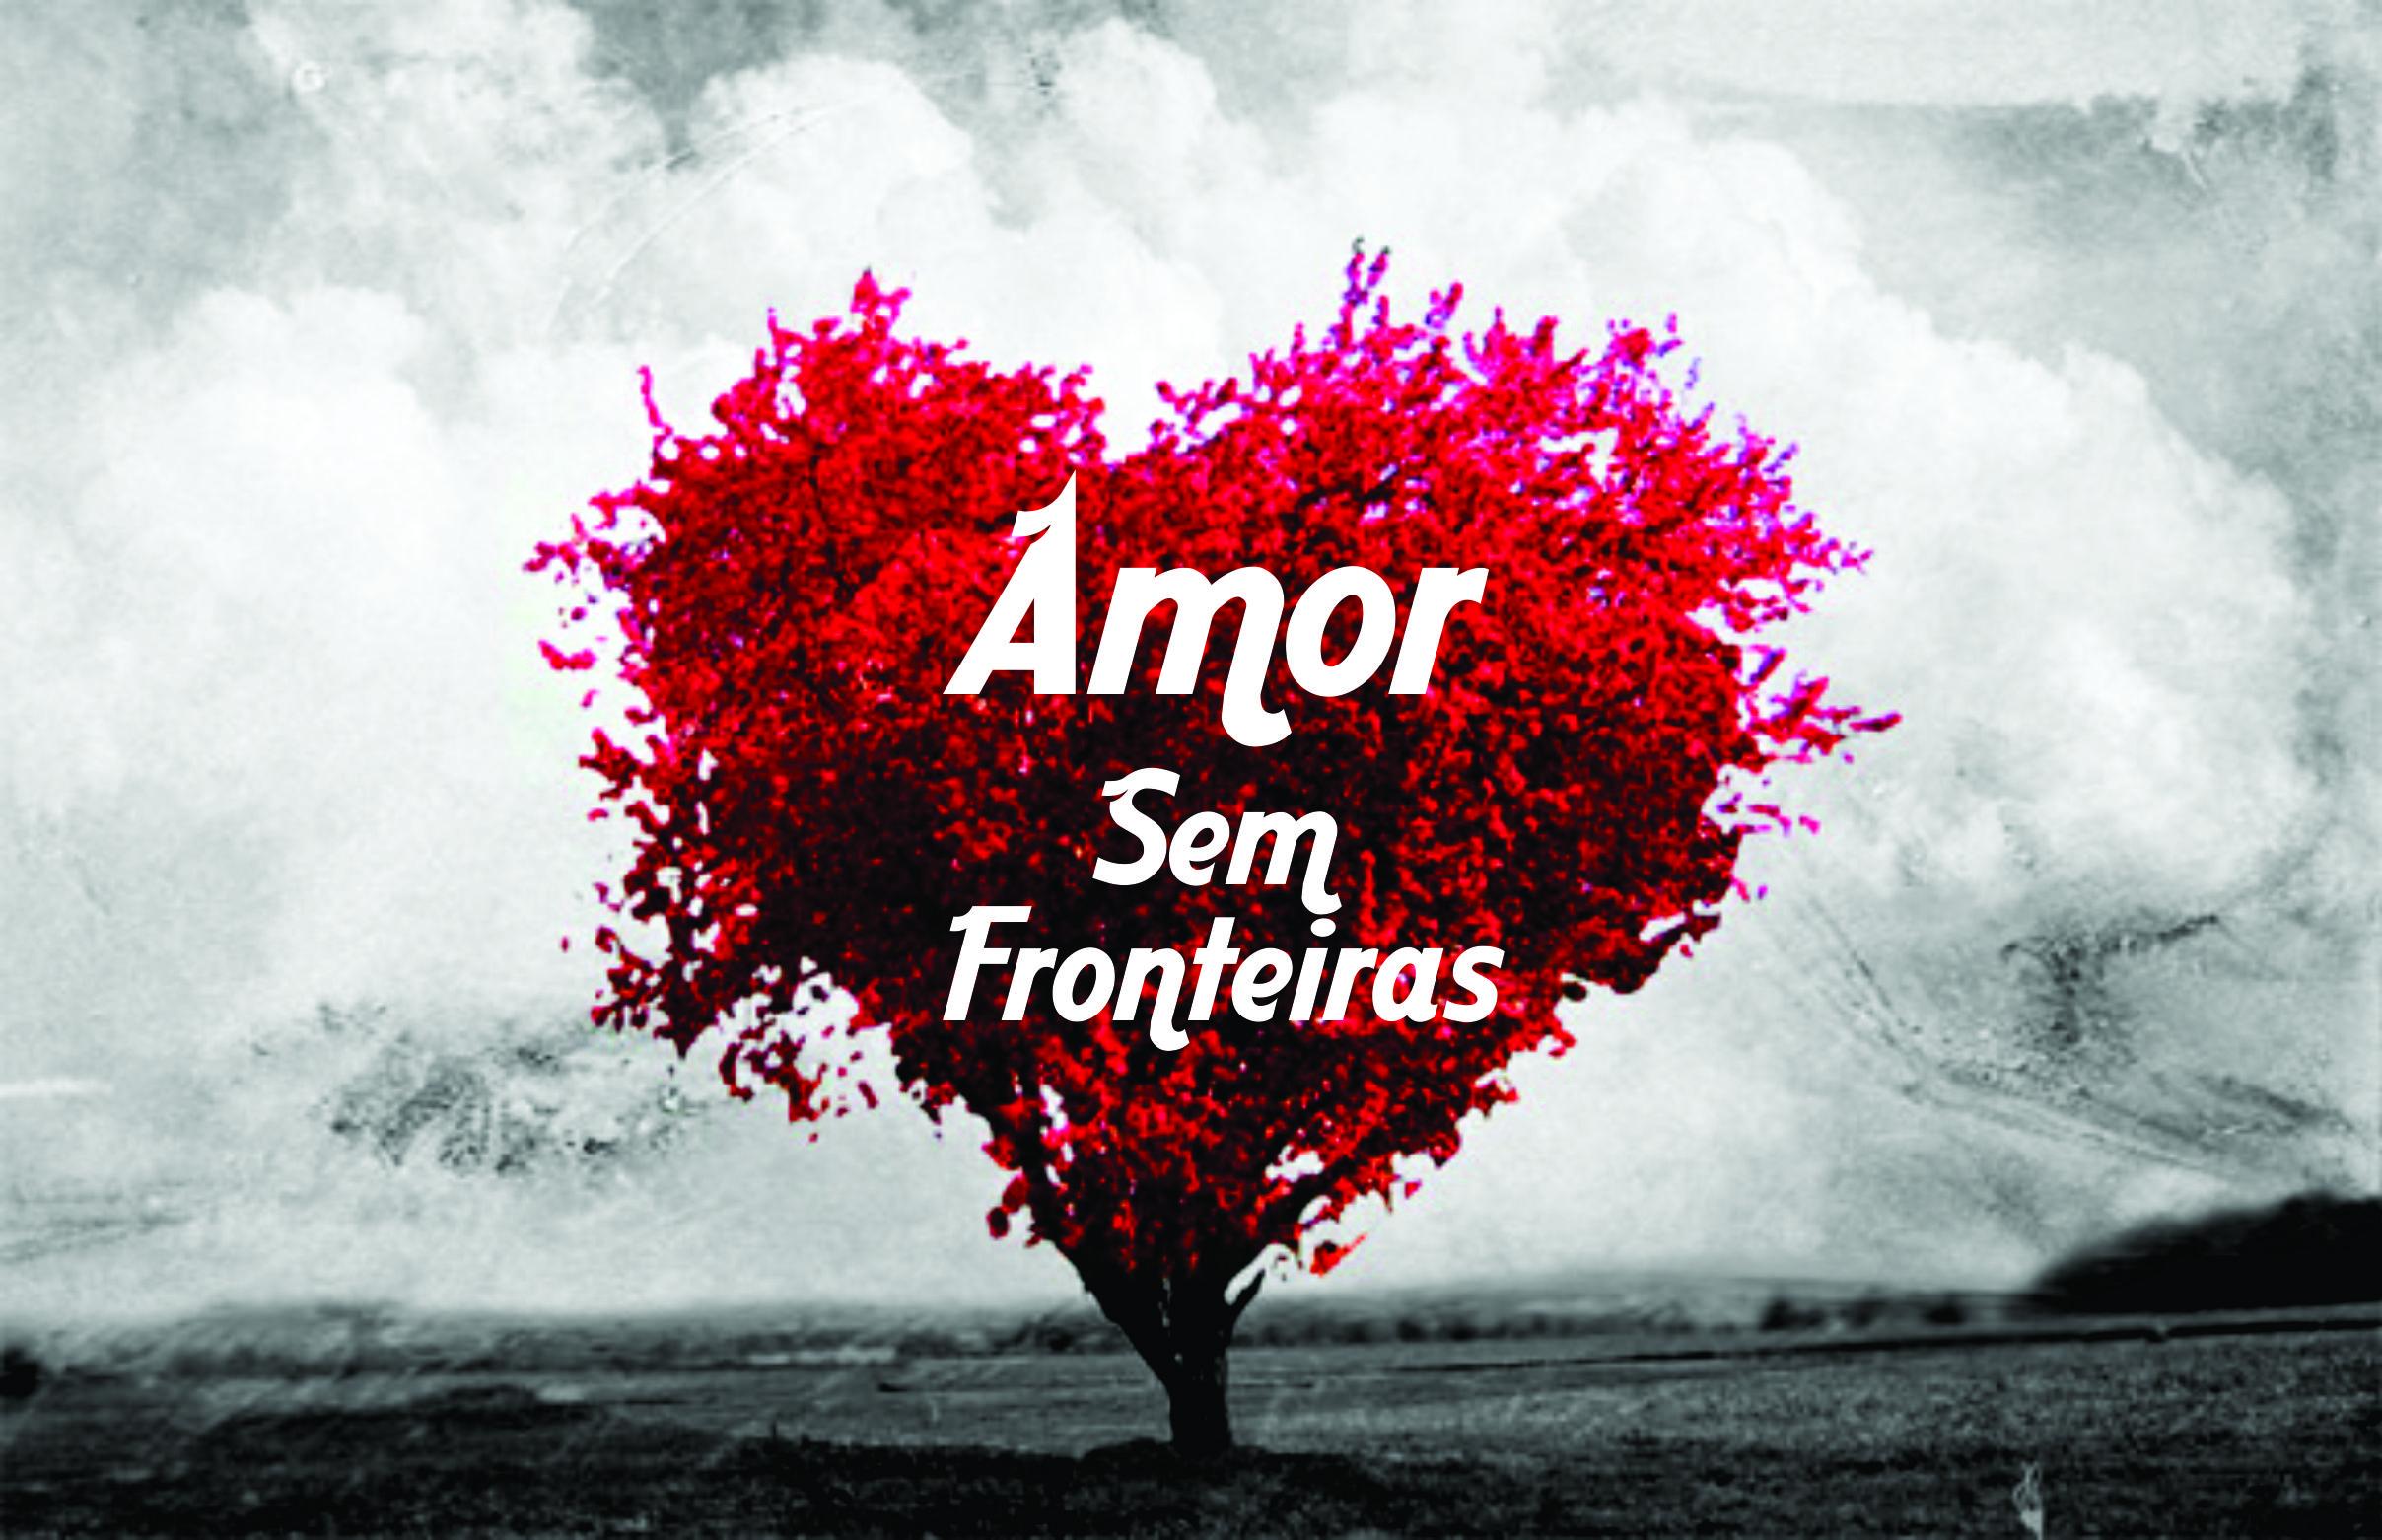 Amor sem fronteiras